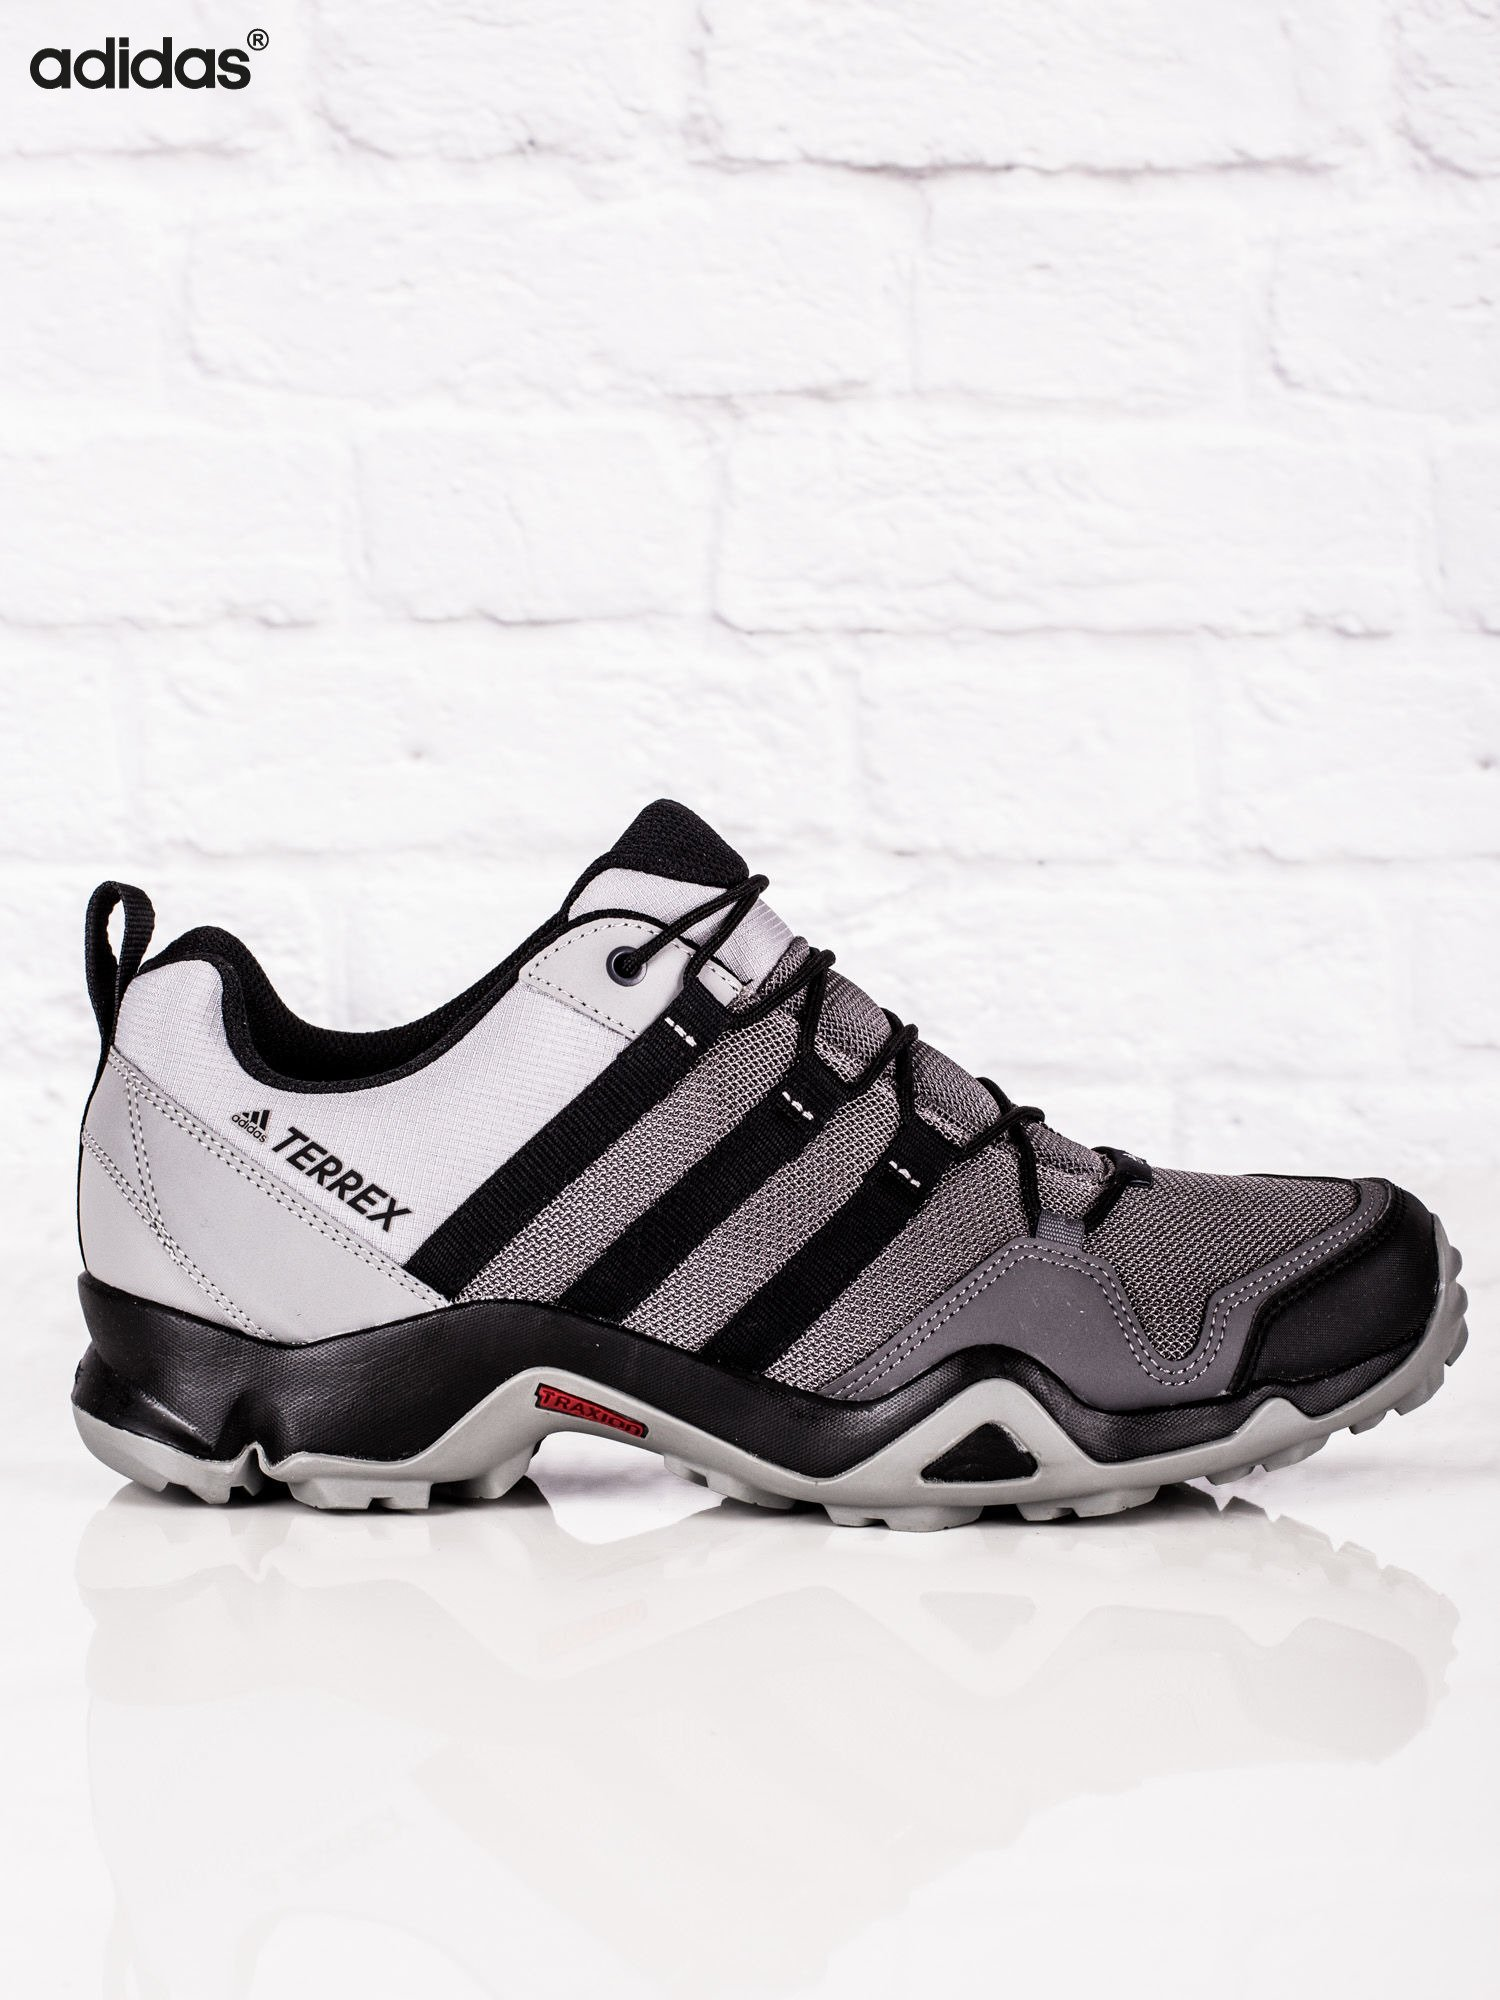 57f08f04b8cc3b ADIDAS Szare męskie buty sportowe TERREX AX2R - Mężczyźni Buty ...